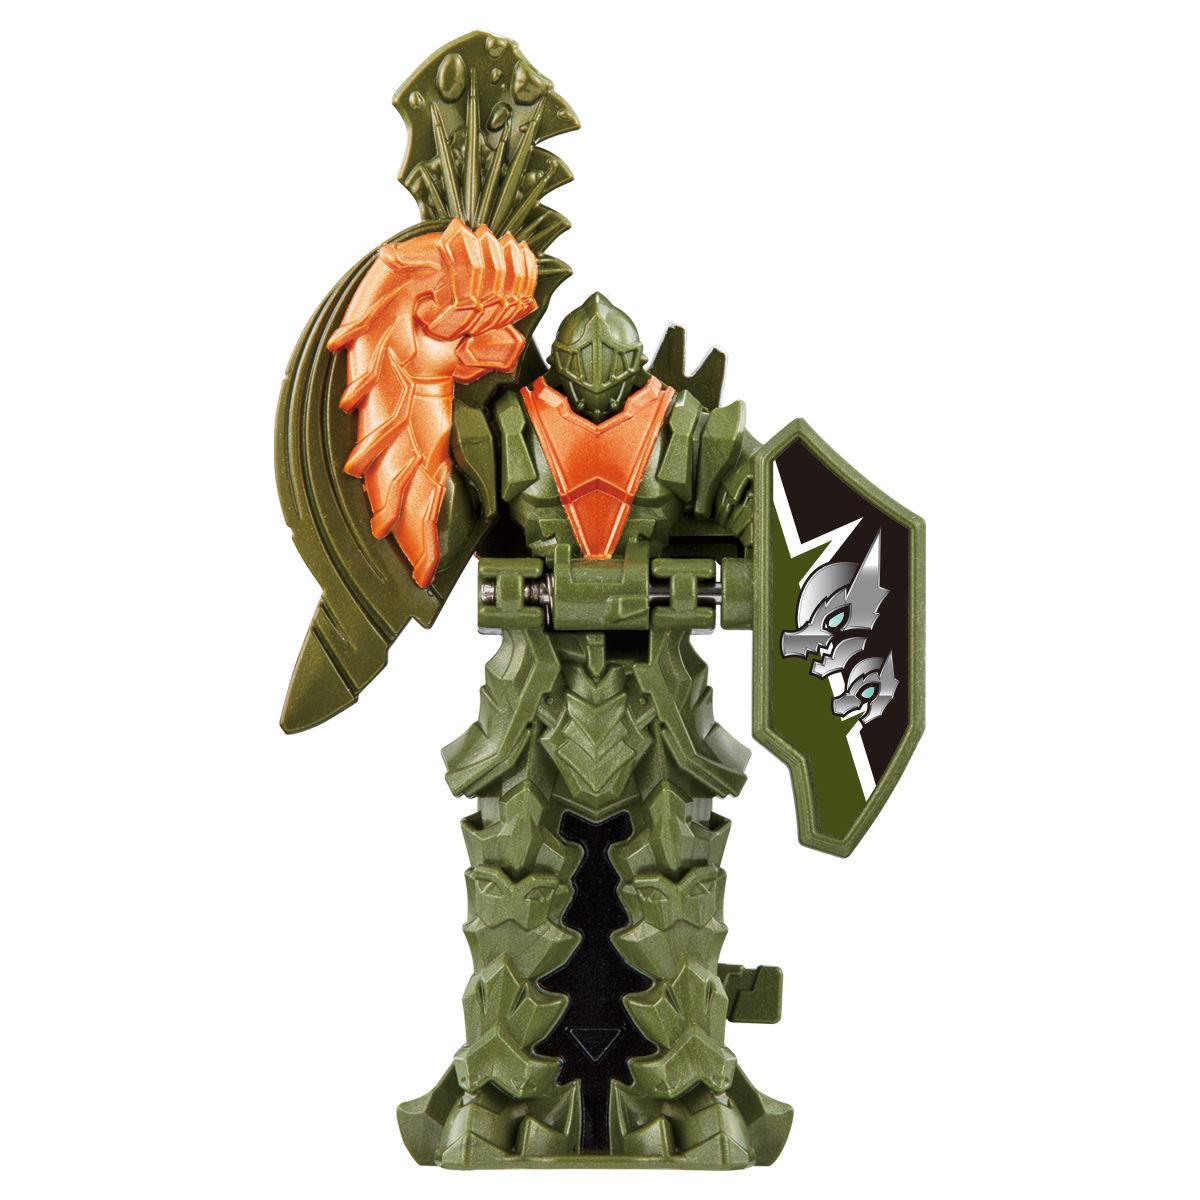 騎士竜戦隊リュウソウジャー『騎士竜シリーズ10 DXパキガルー』可変可動フィギュア-008